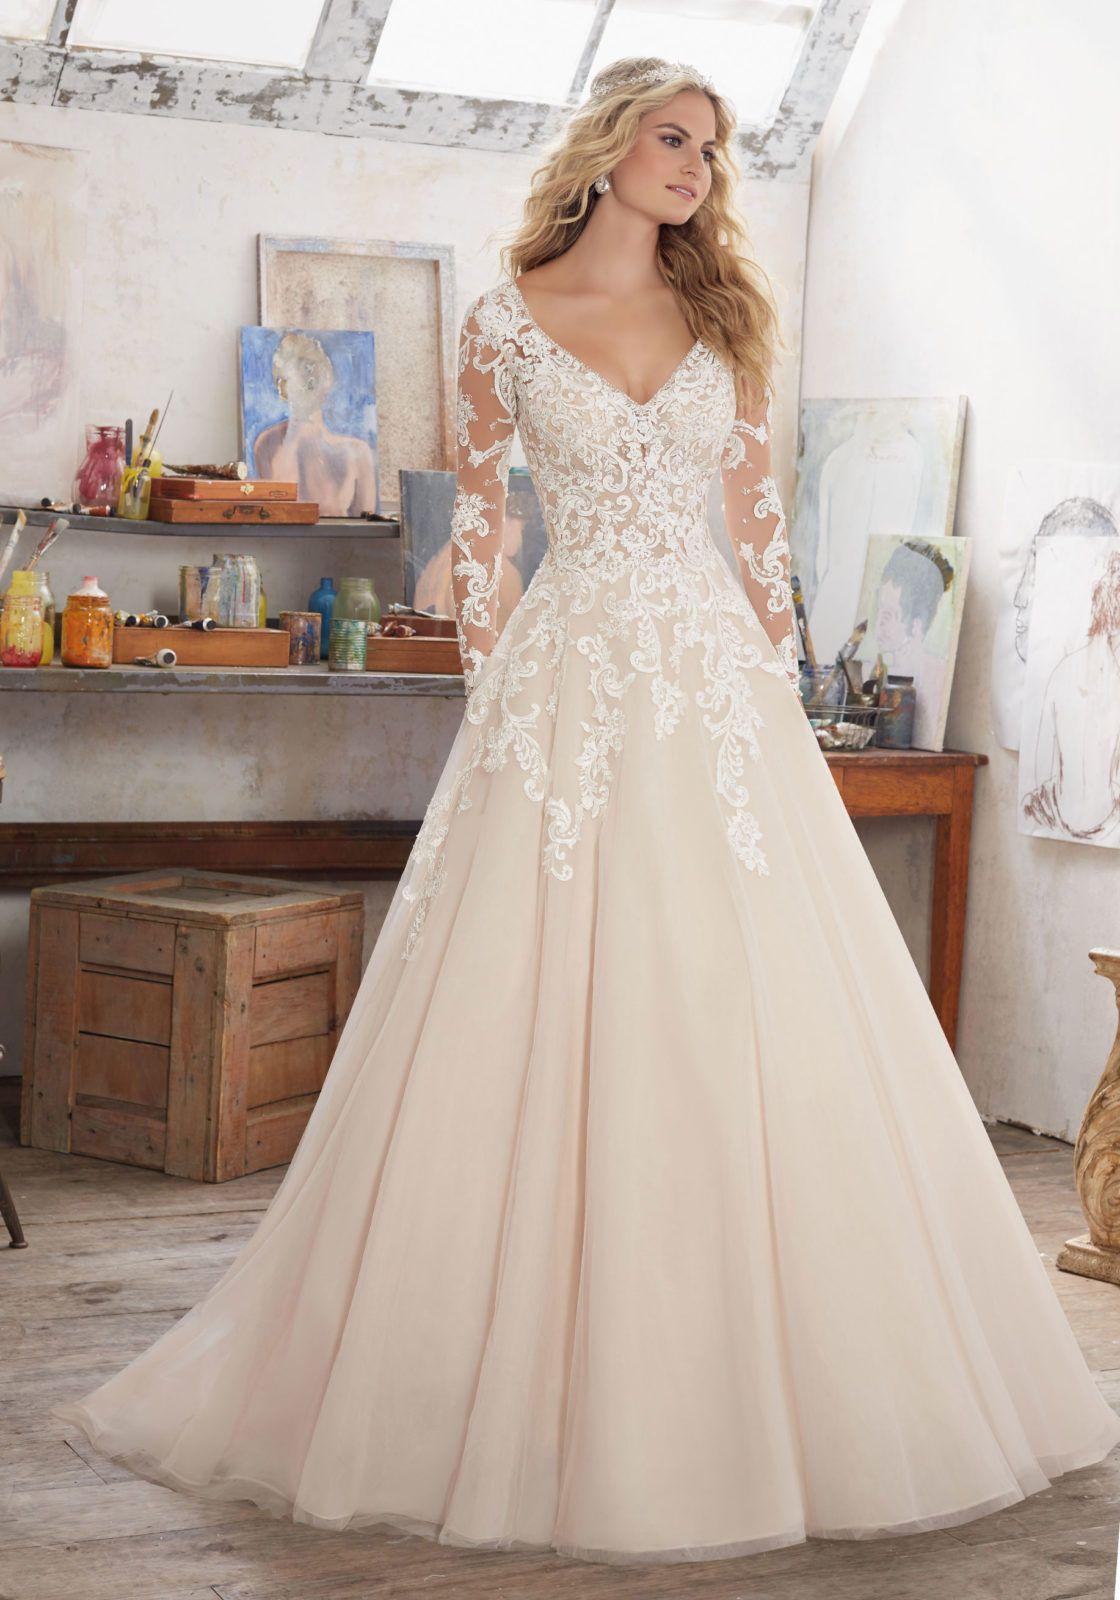 Maira Wedding Dress Morilee Wedding Dress Long Sleeve Wedding Dresses Wedding Dresses Lace